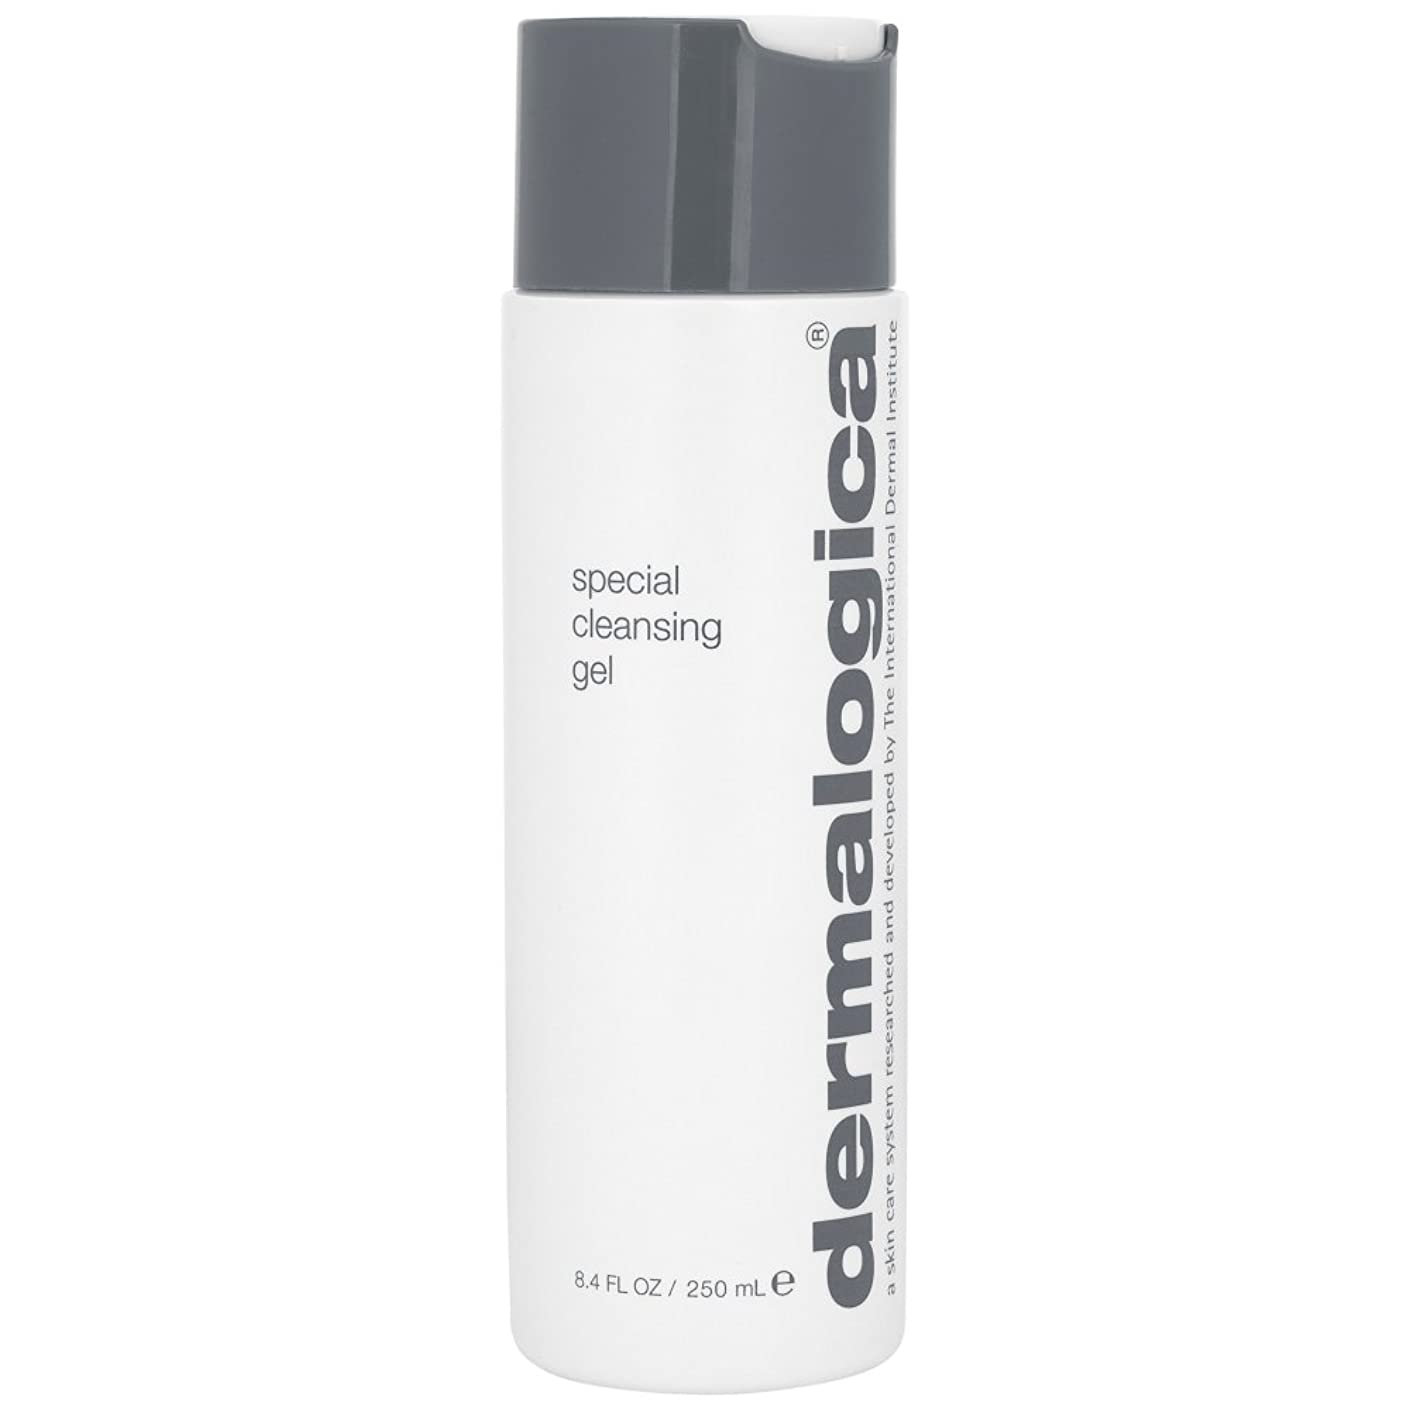 履歴書平和な教ダーマロジカ特別なクレンジングゲル250ミリリットル (Dermalogica) (x2) - Dermalogica Special Cleansing Gel 250ml (Pack of 2) [並行輸入品]